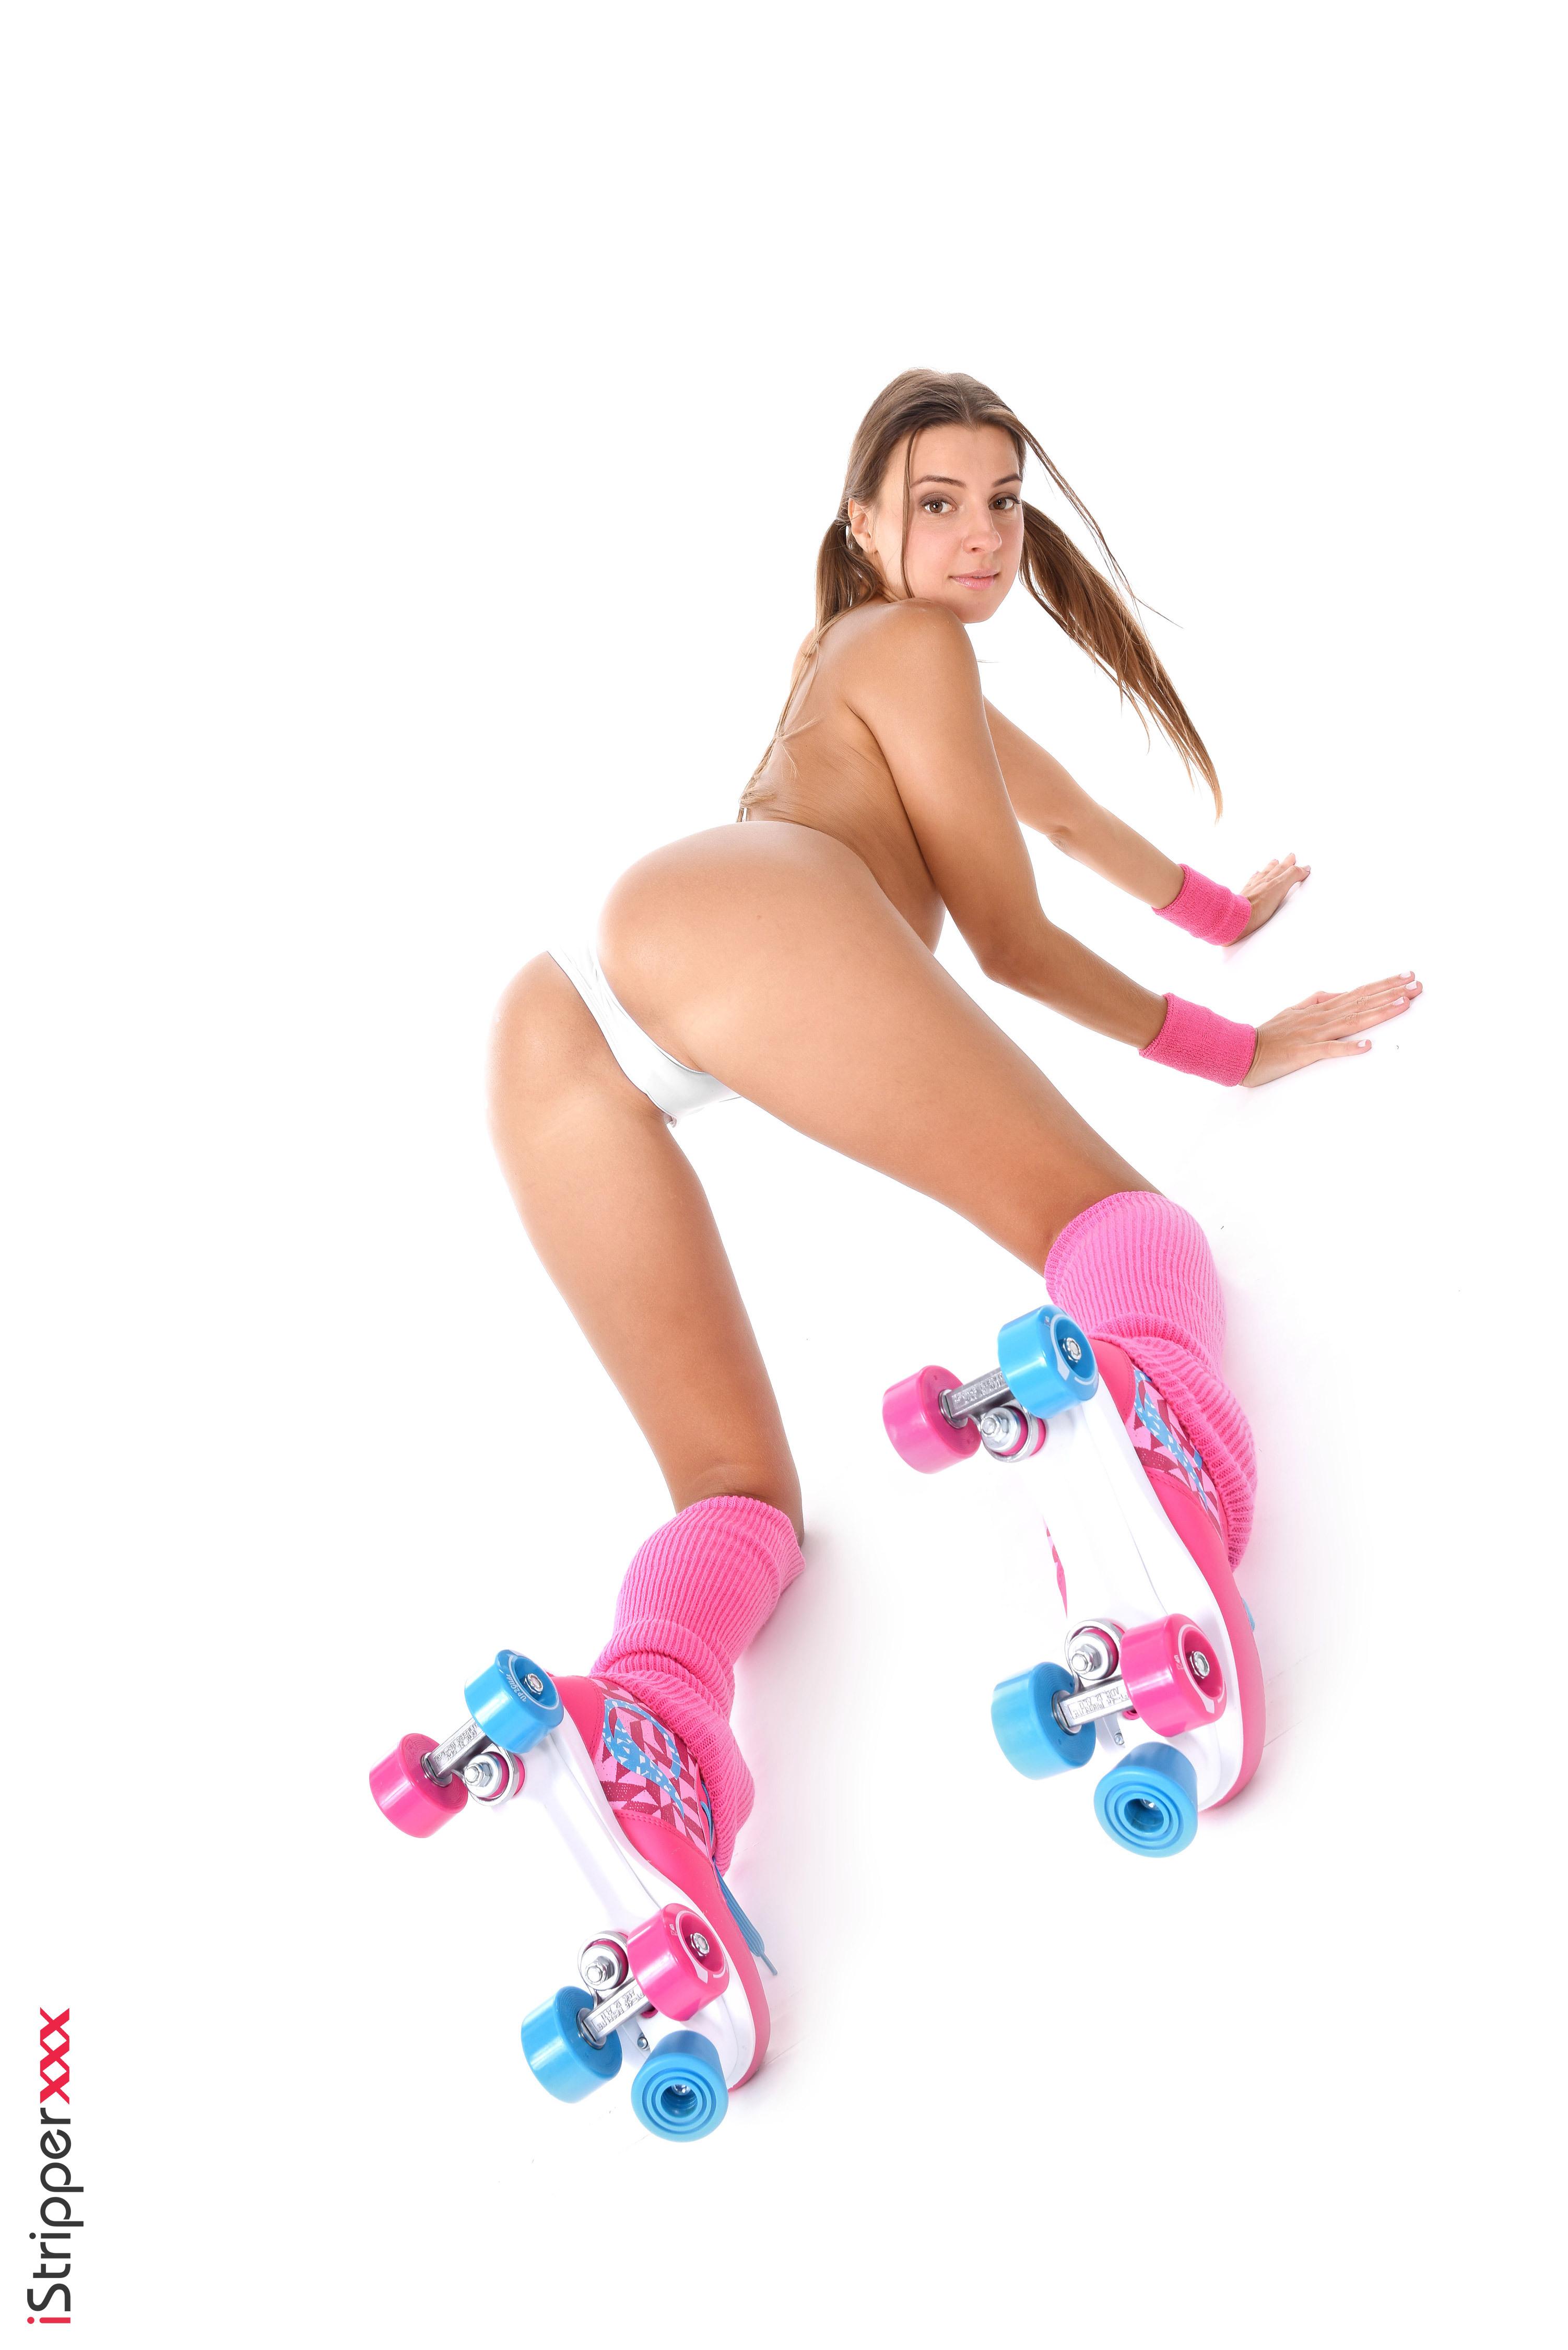 virtual female stripper